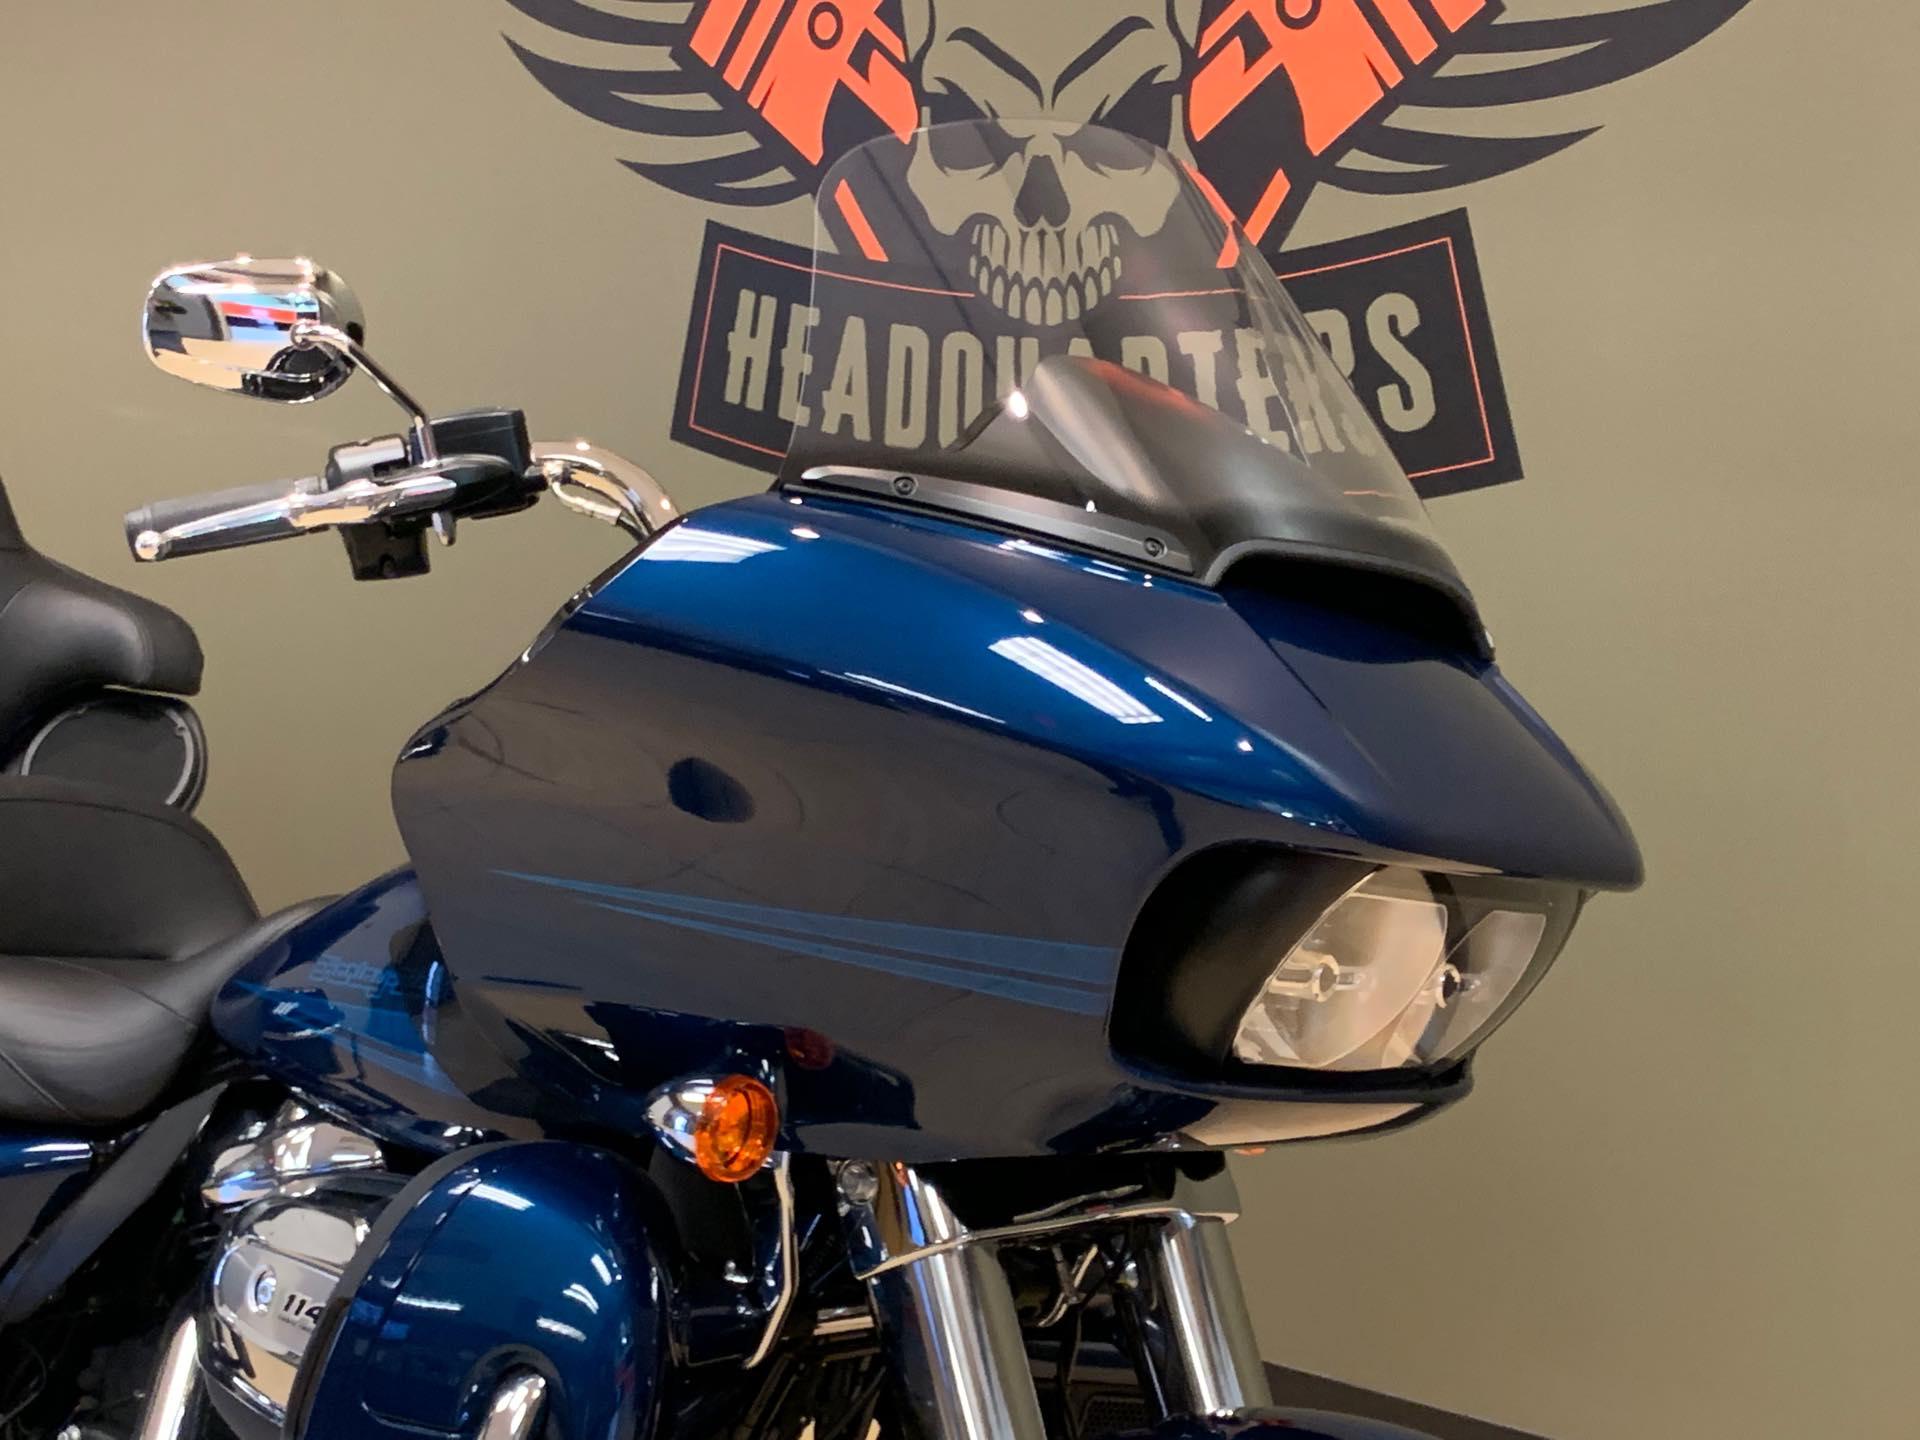 2020 HARLEY-DAVIDSON FLTRK at Loess Hills Harley-Davidson